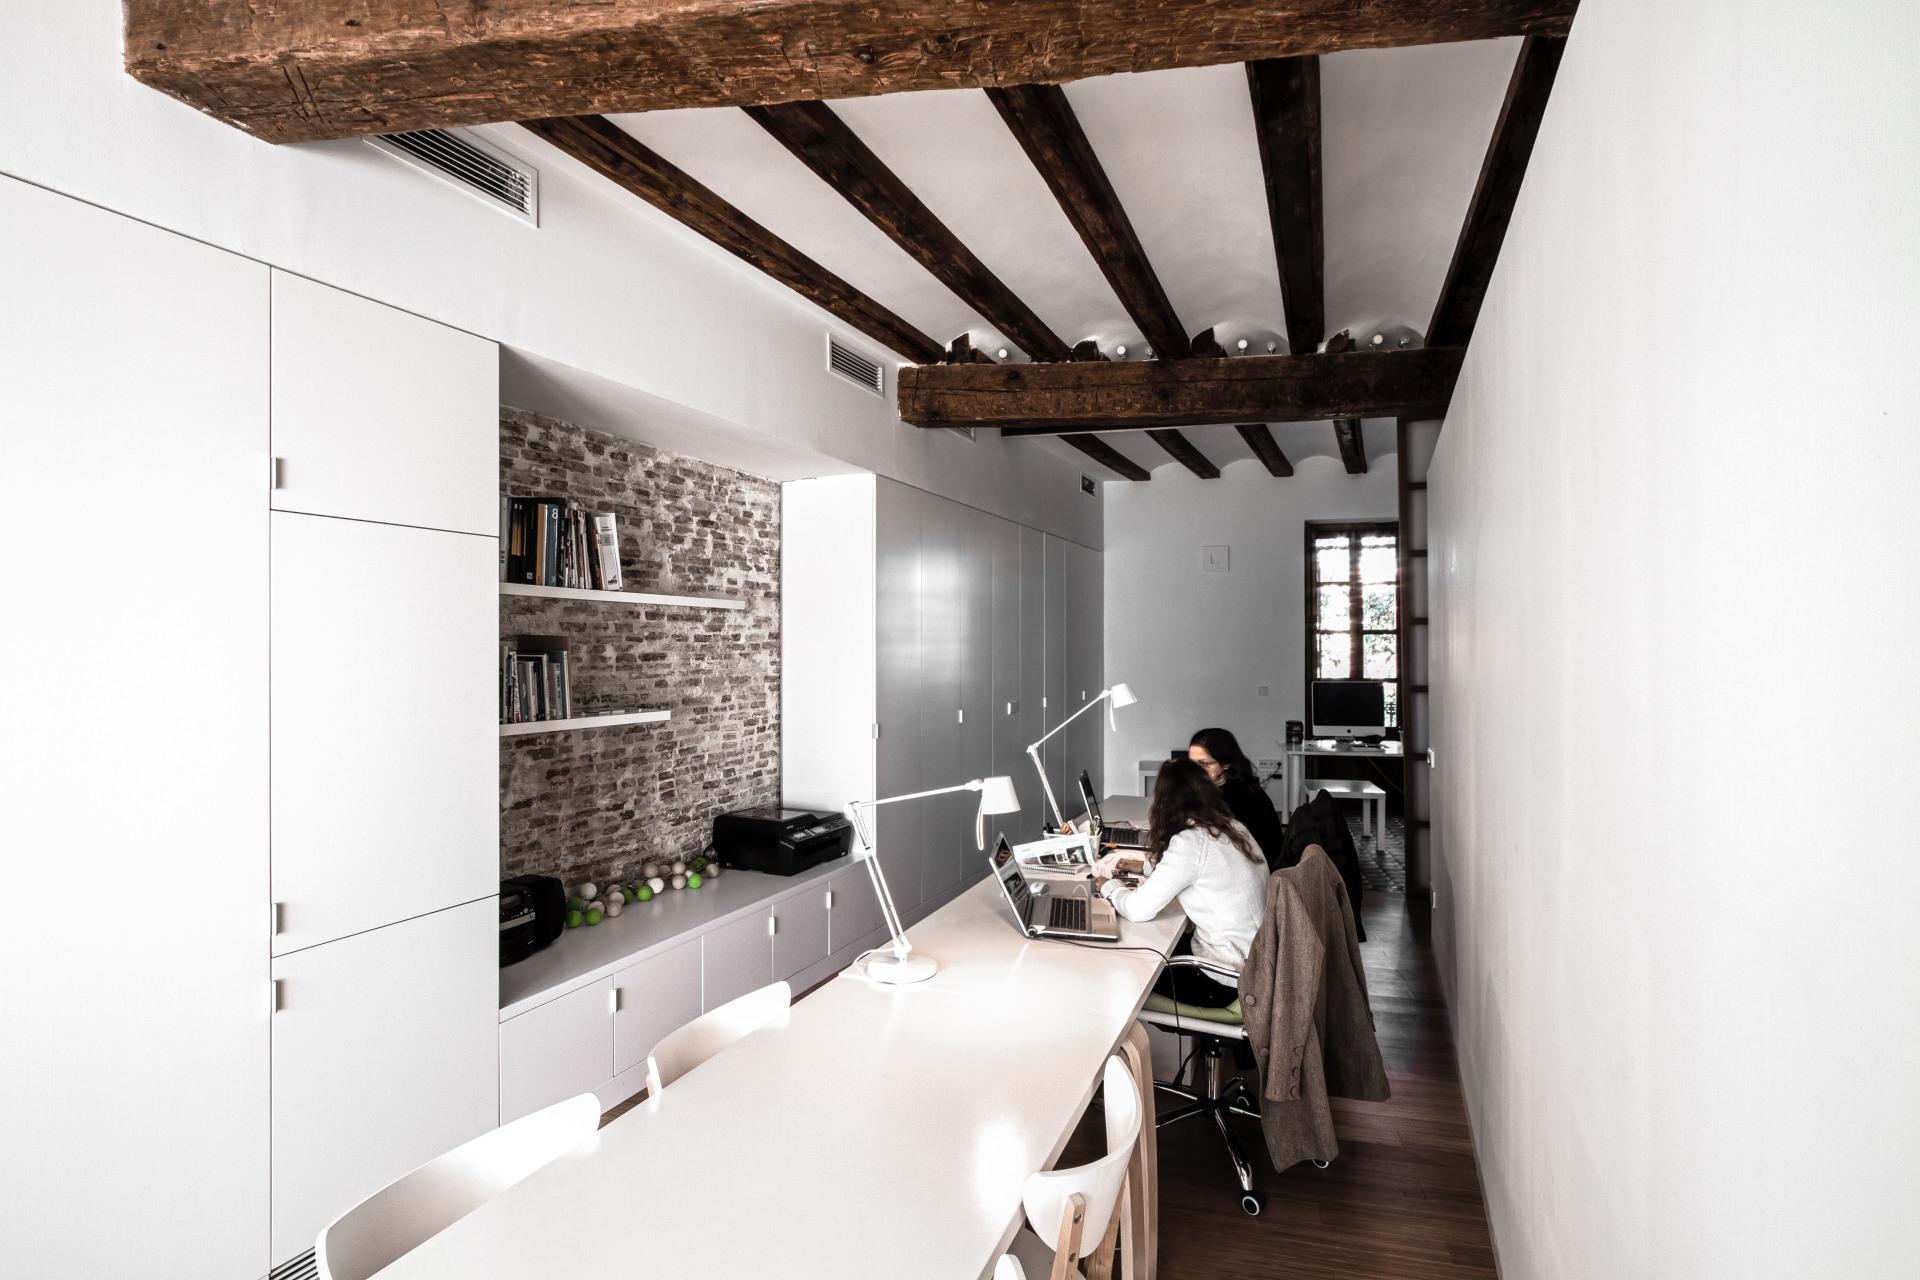 fotografia-arquitectura-valencia-german-cabo-versea-estudio (1)